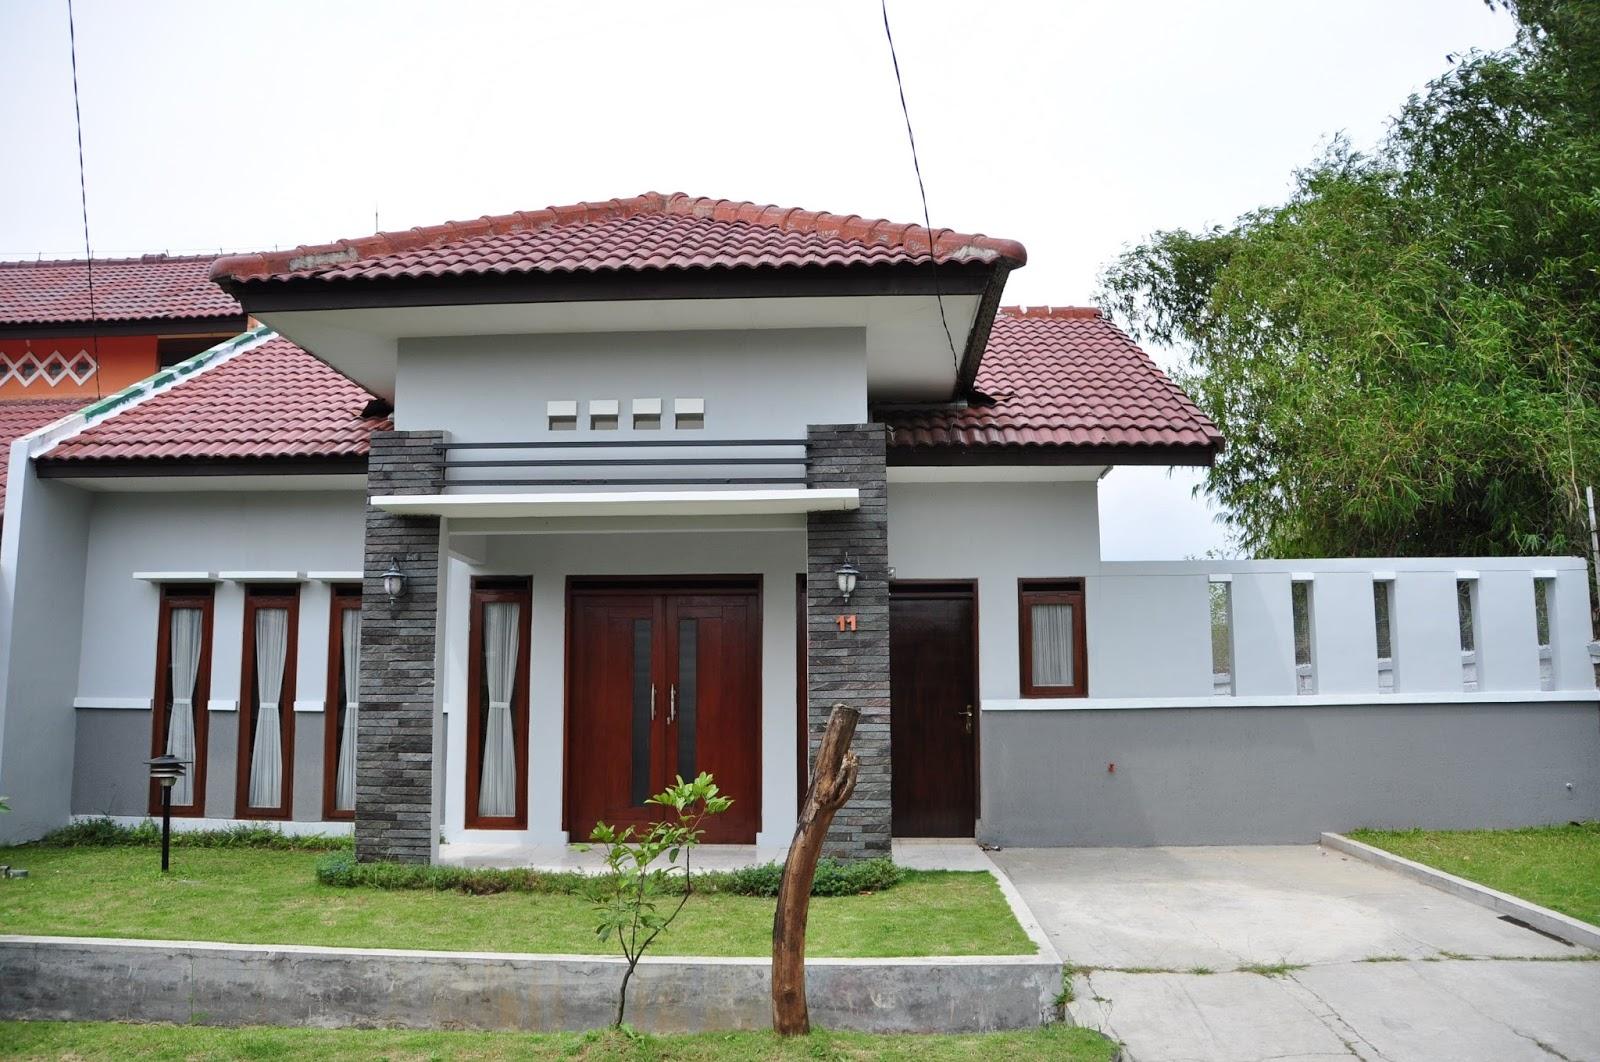 54 Desain Rumah Sederhana Di Kampung Yang Terlihat Cantik Dan